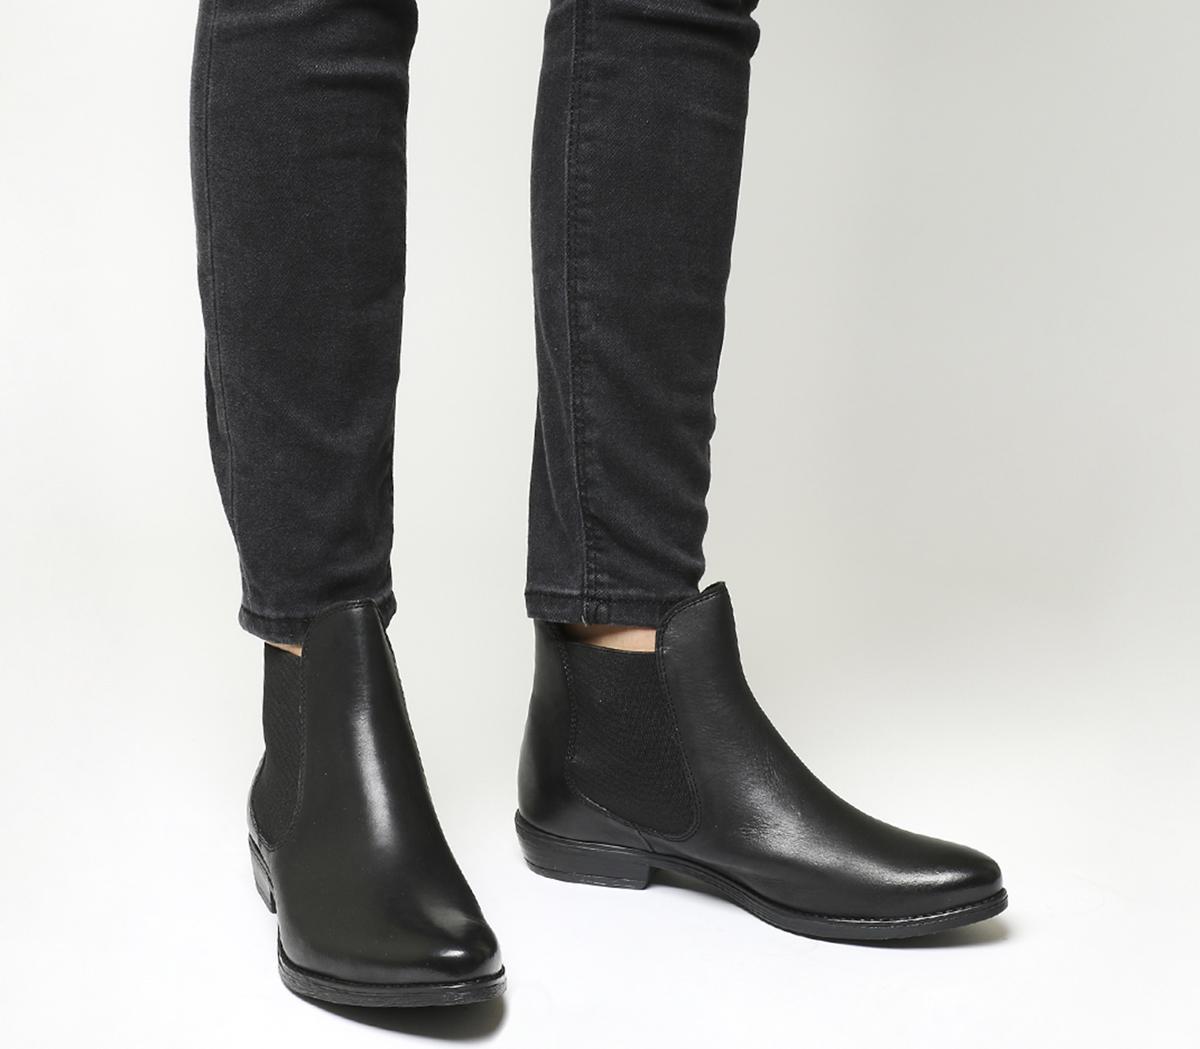 Dallas 2 Chelsea Boots